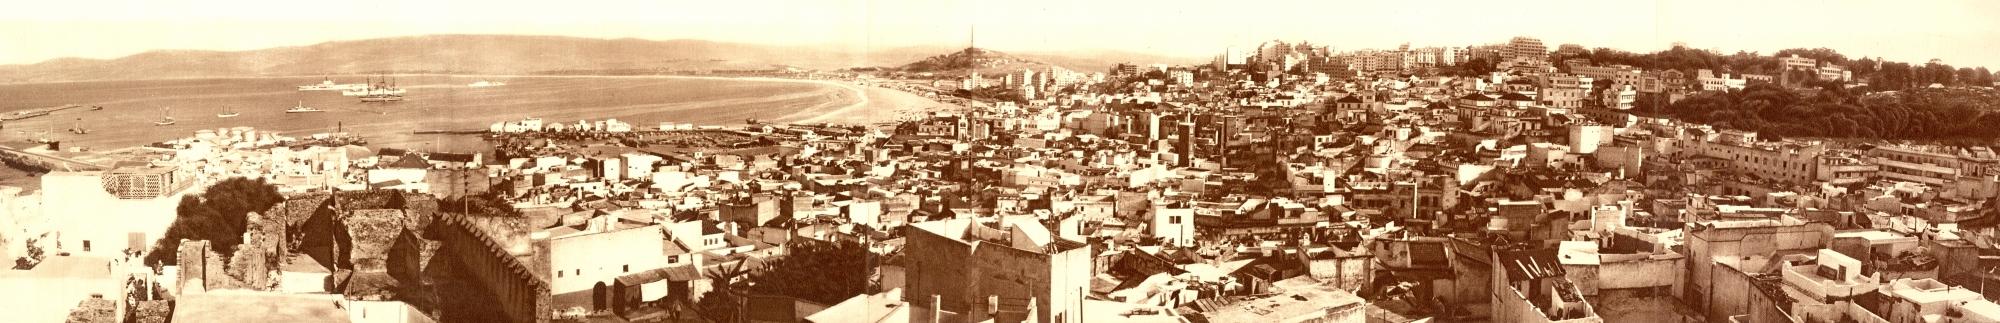 Vista de la ciudad de Tanger